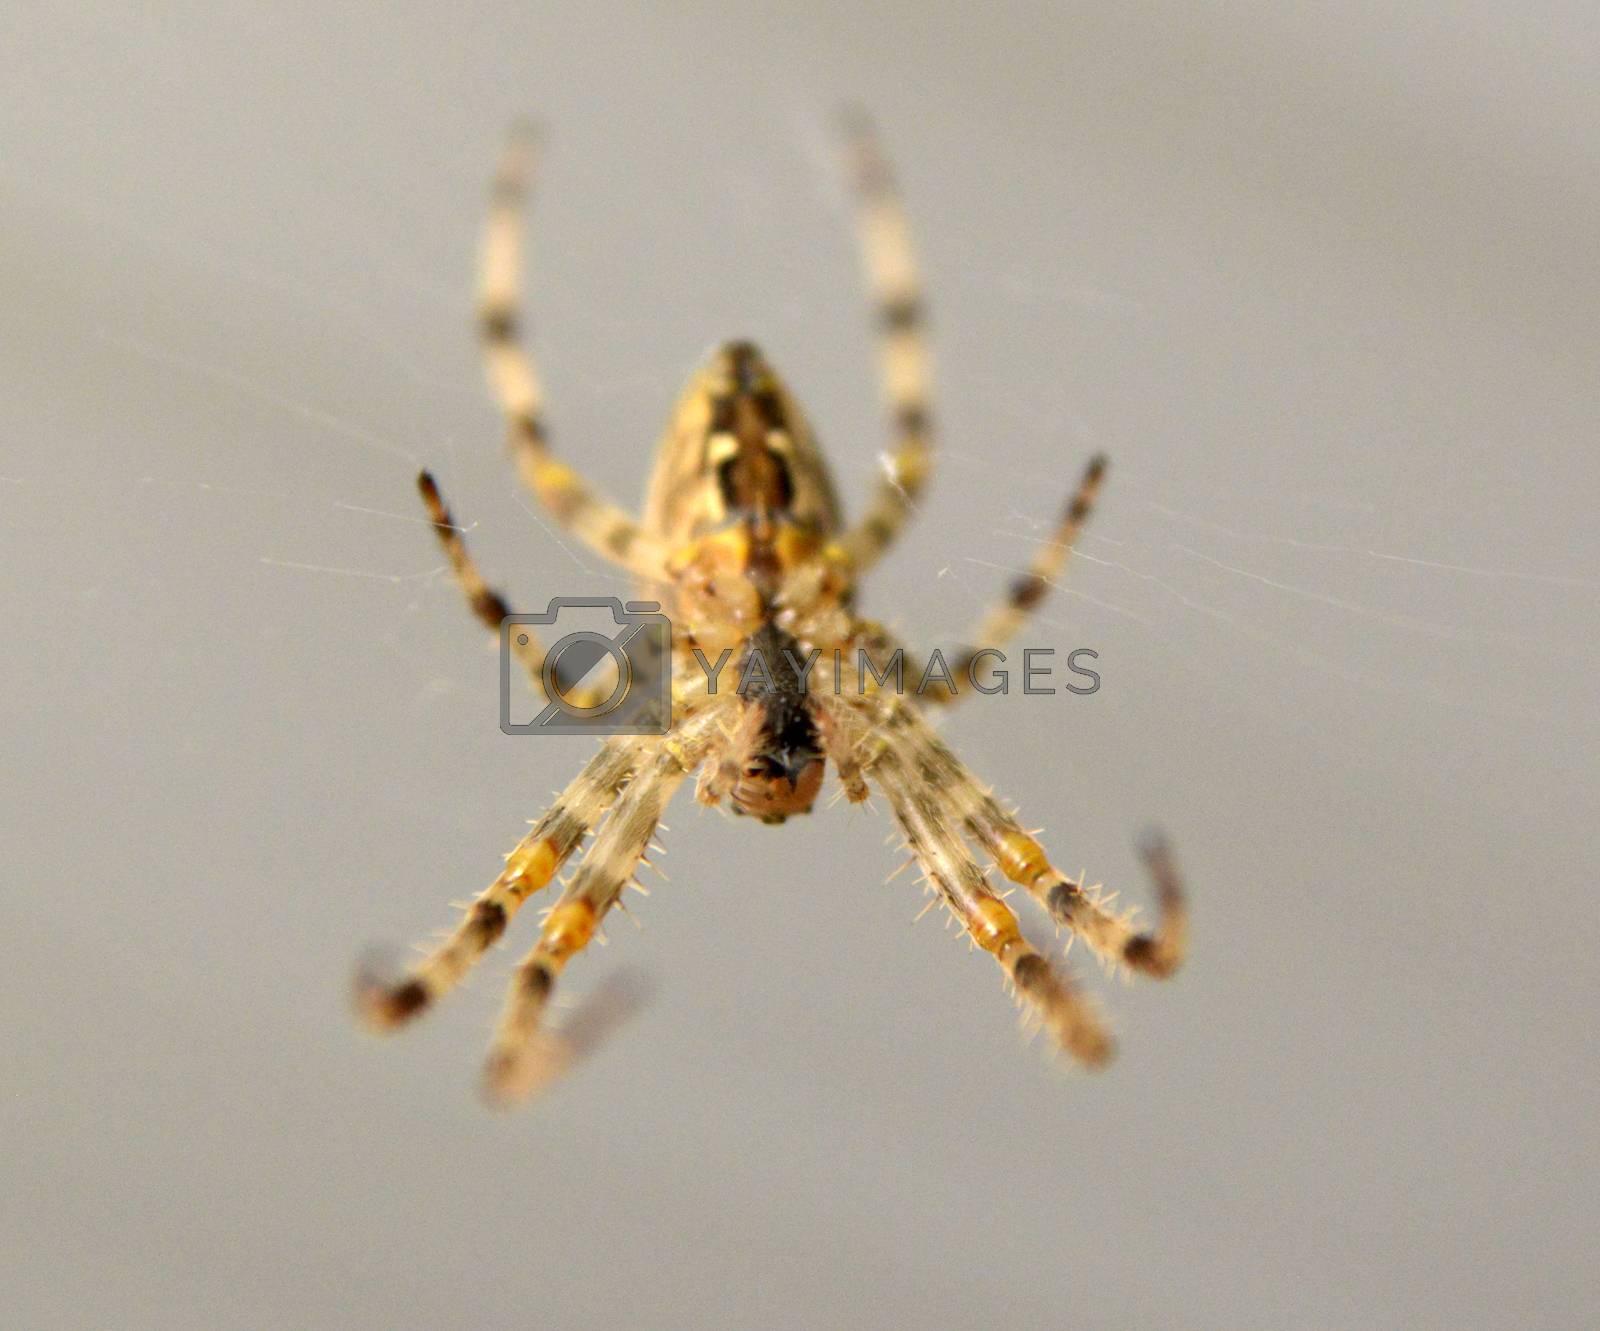 Araneus diadematus European garden spider, diadem spider, orangie, cross spider image